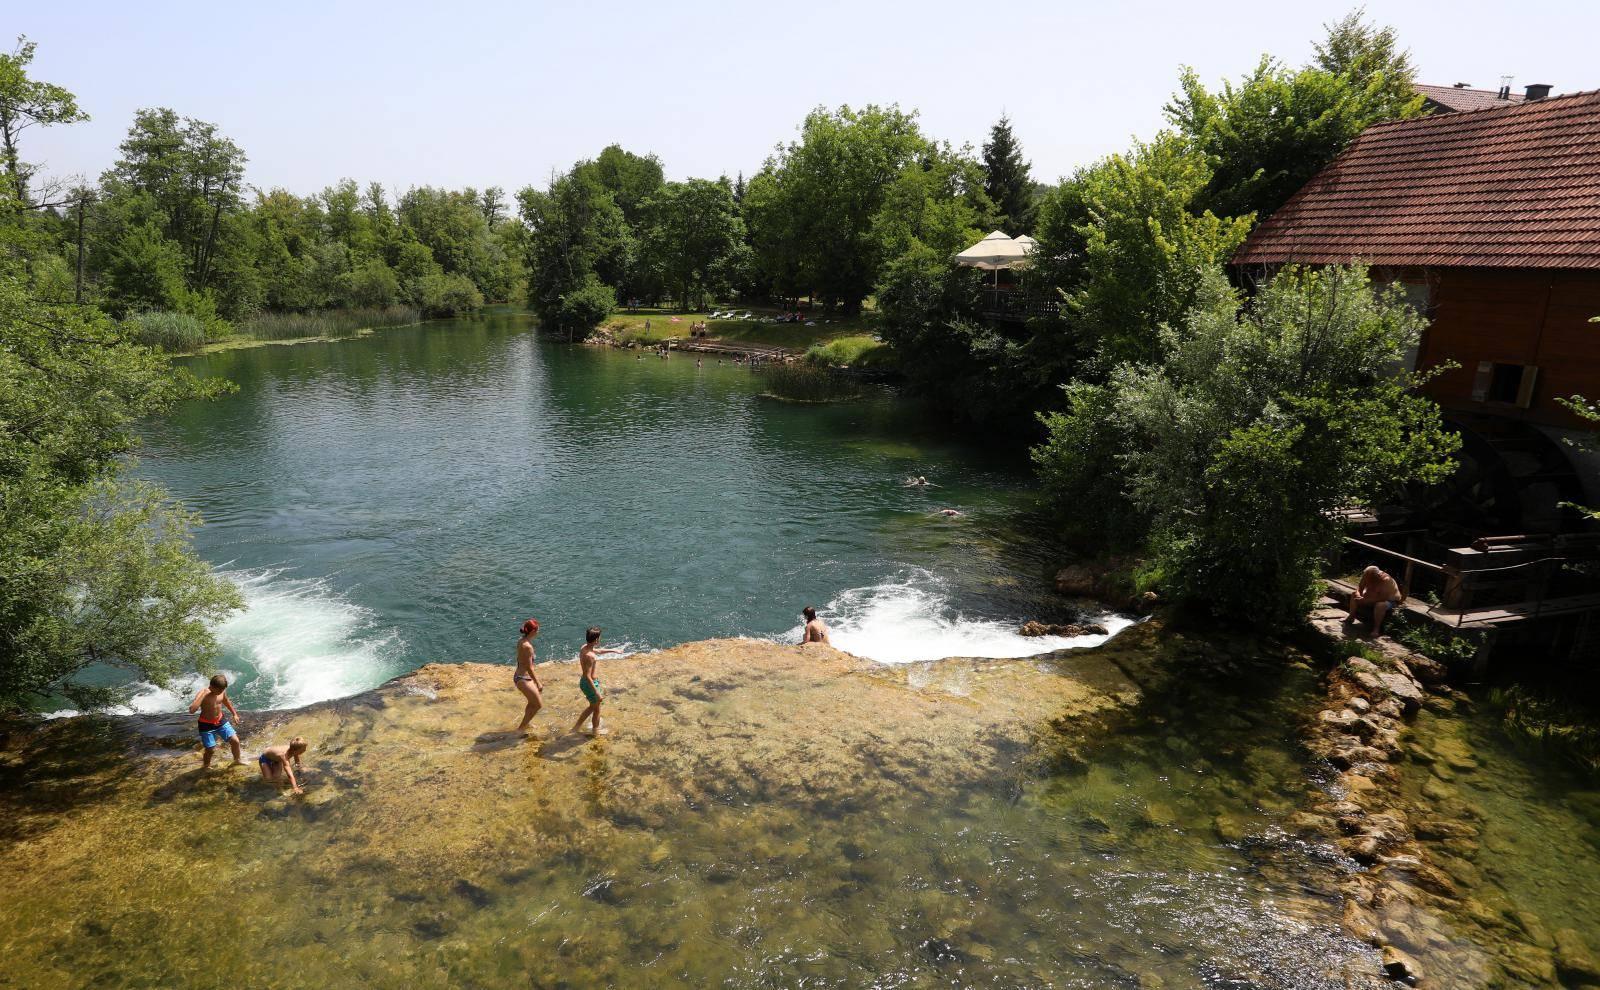 Osvježenje od vrućine neki su pronašli kupanjem u Mrežnici